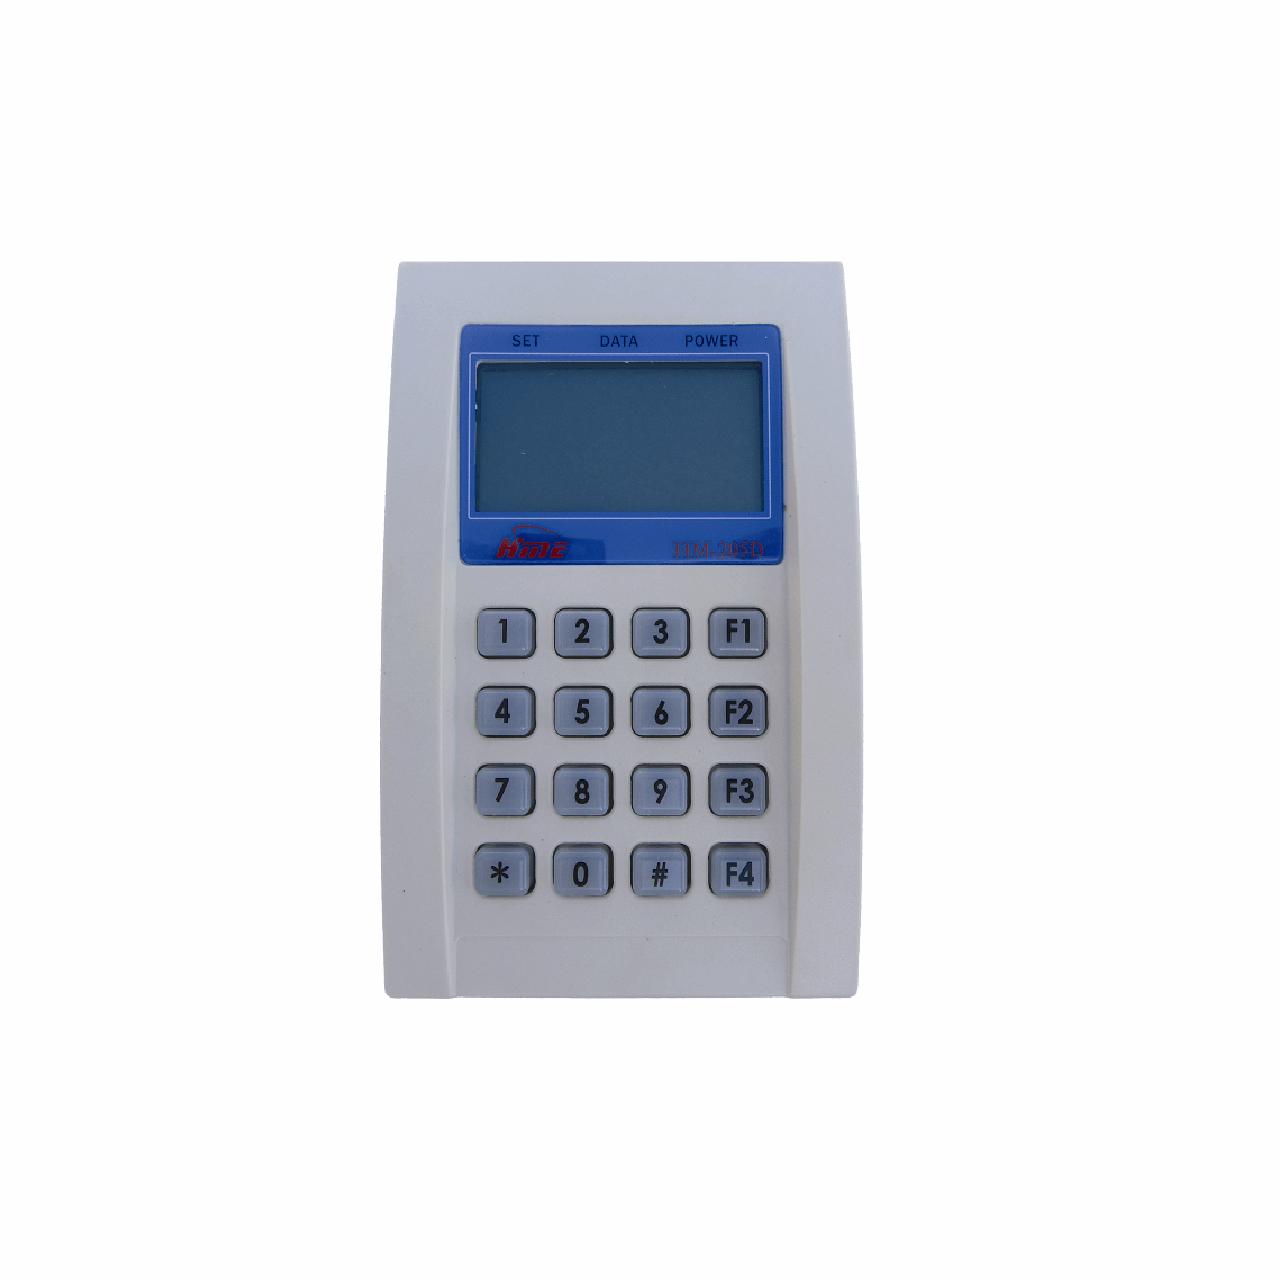 دستگاه کنترل تردد مدل HM-205D